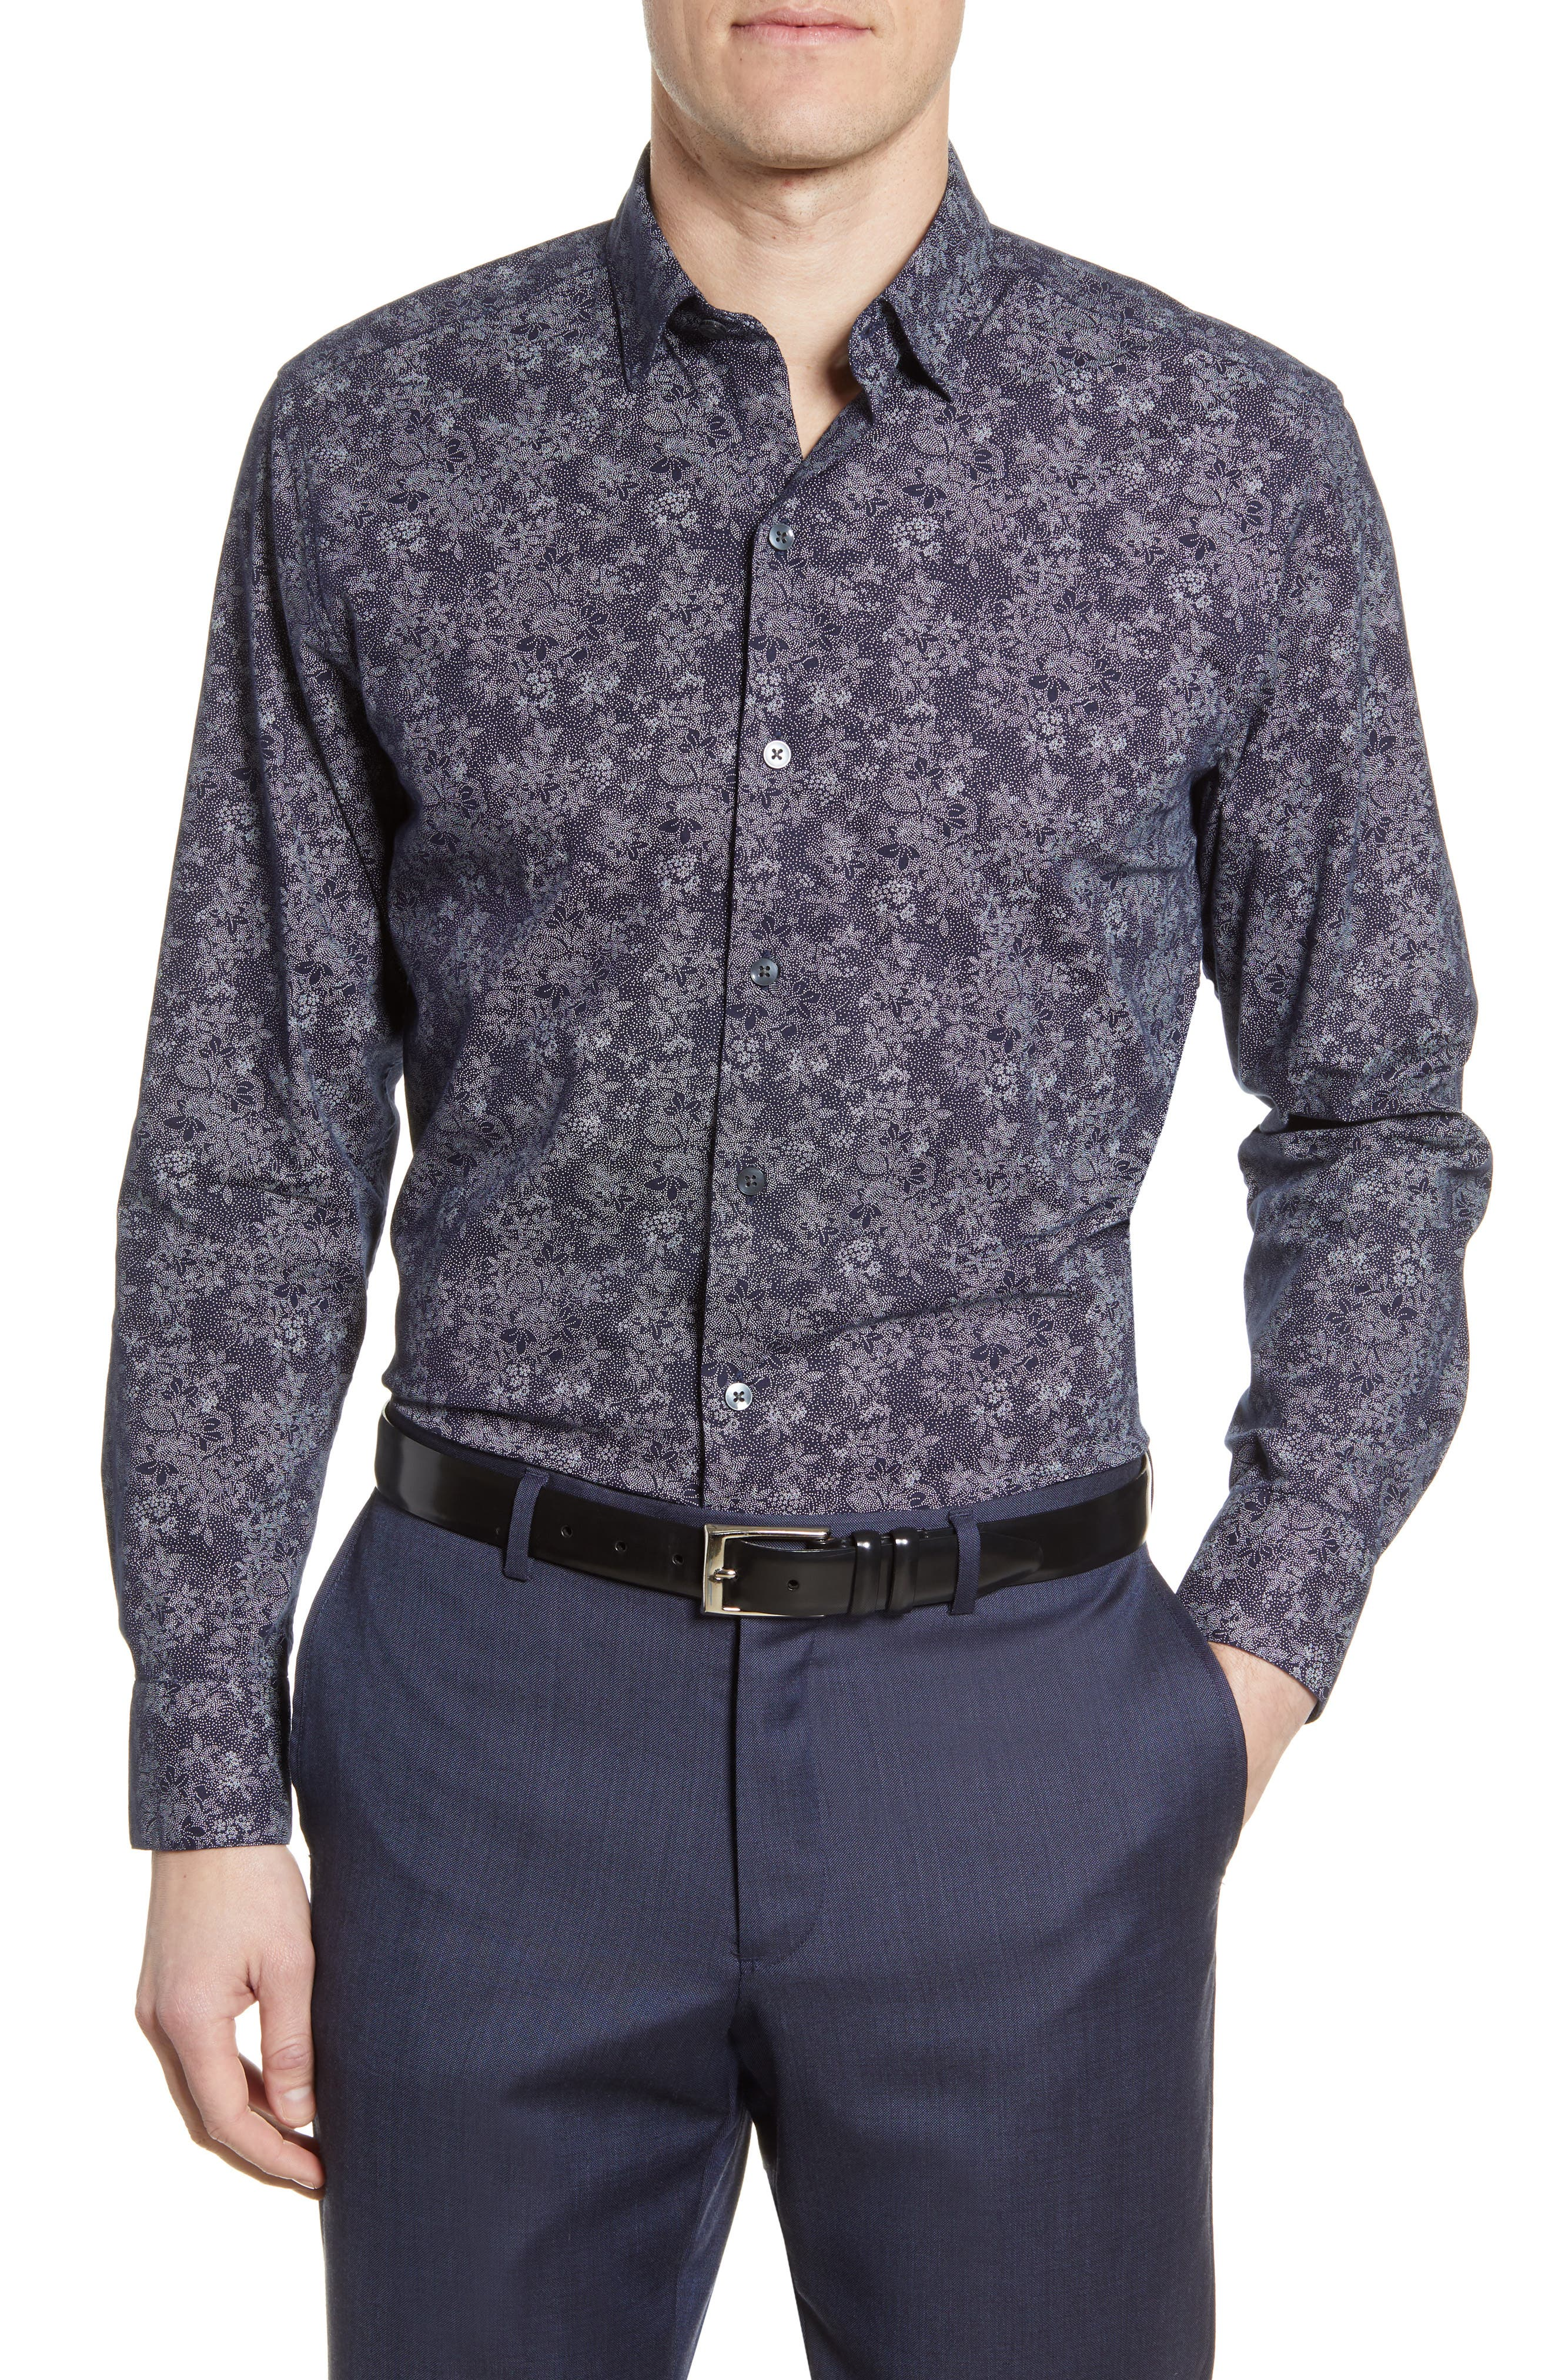 Image of ROBERT BARAKETT Welpren Floral Button-Up Shirt